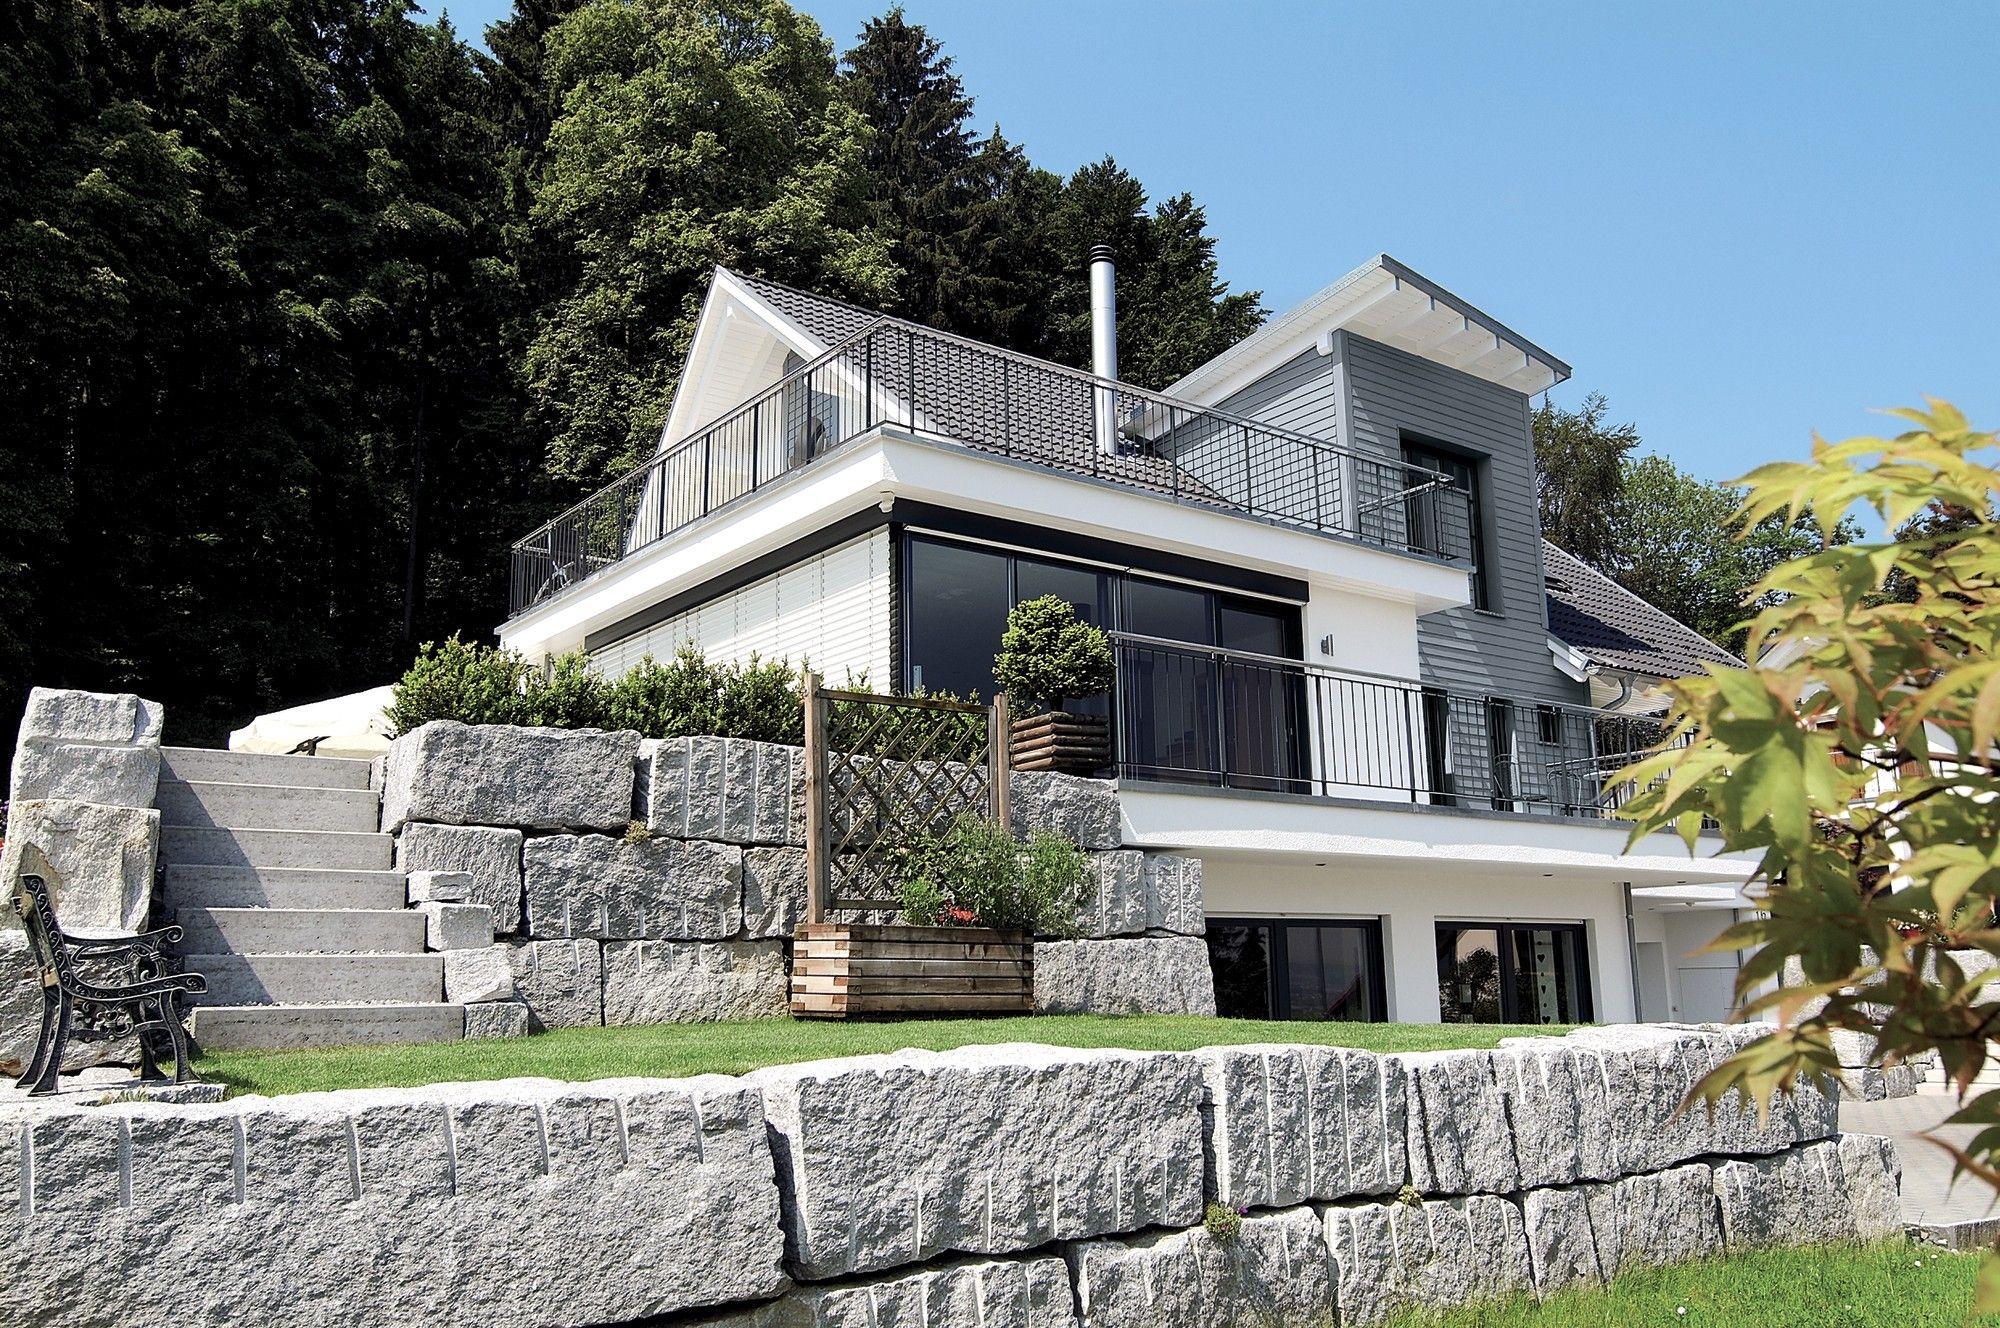 Haus Seitliche Hanglage   Haus In Brugg Ag Kaufen Einfamilienhaus ...